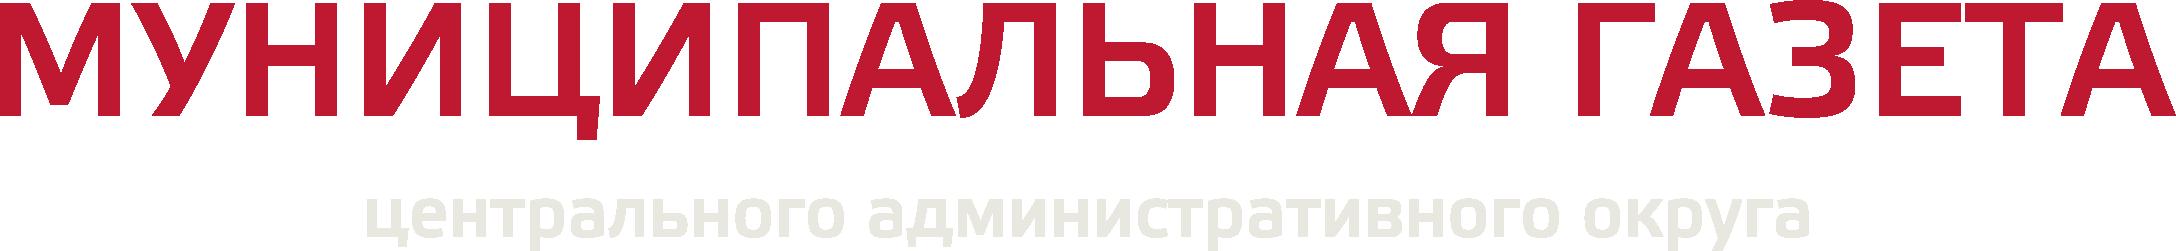 МГЦАО